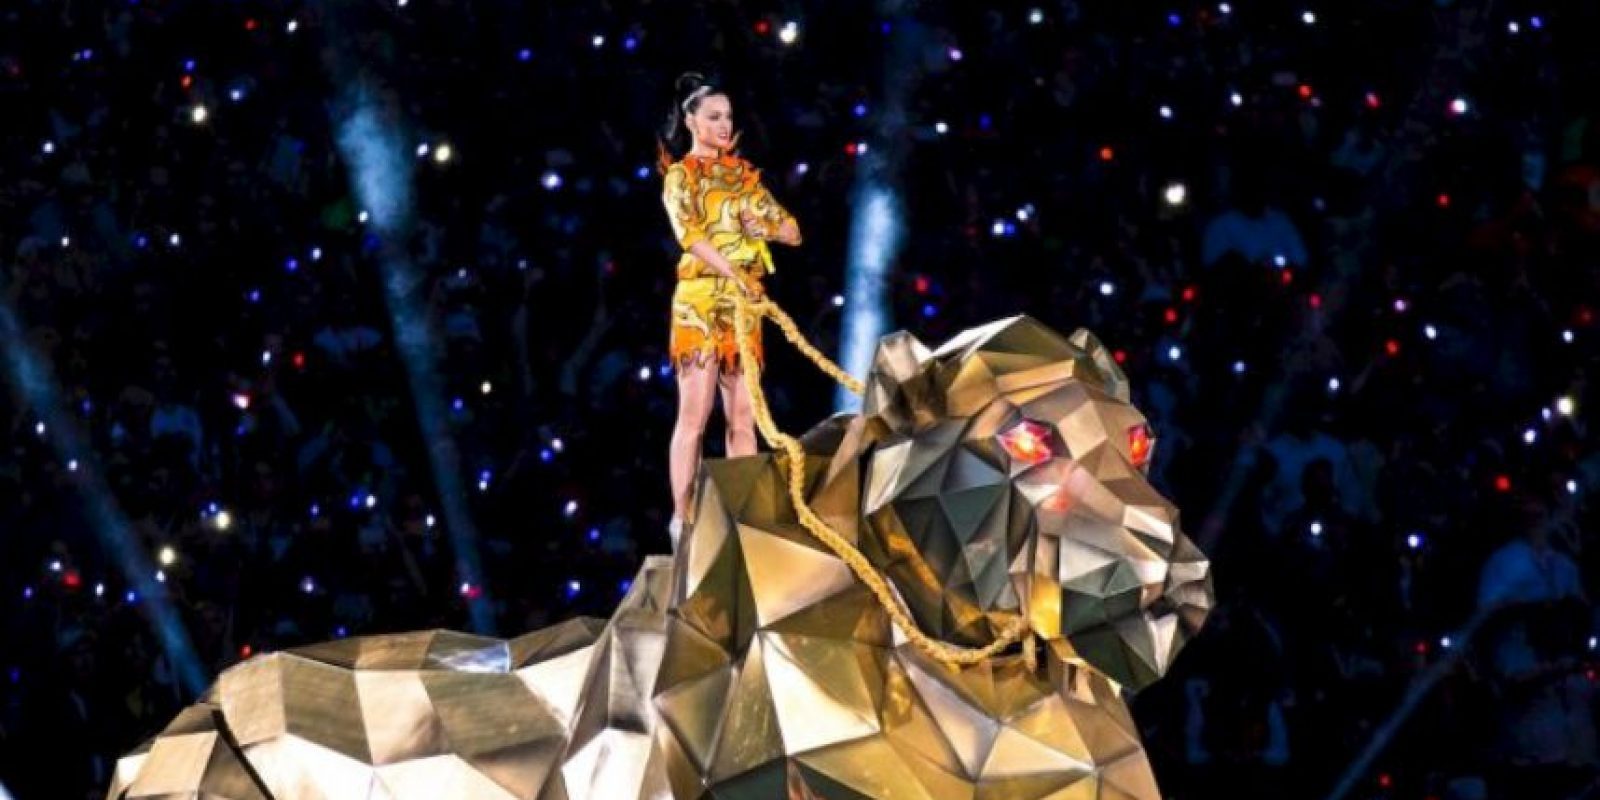 Miren las mejores imágenes del show de mediotiempo de Katy Perry en el Super Bowl del año pasado Foto:Getty Images